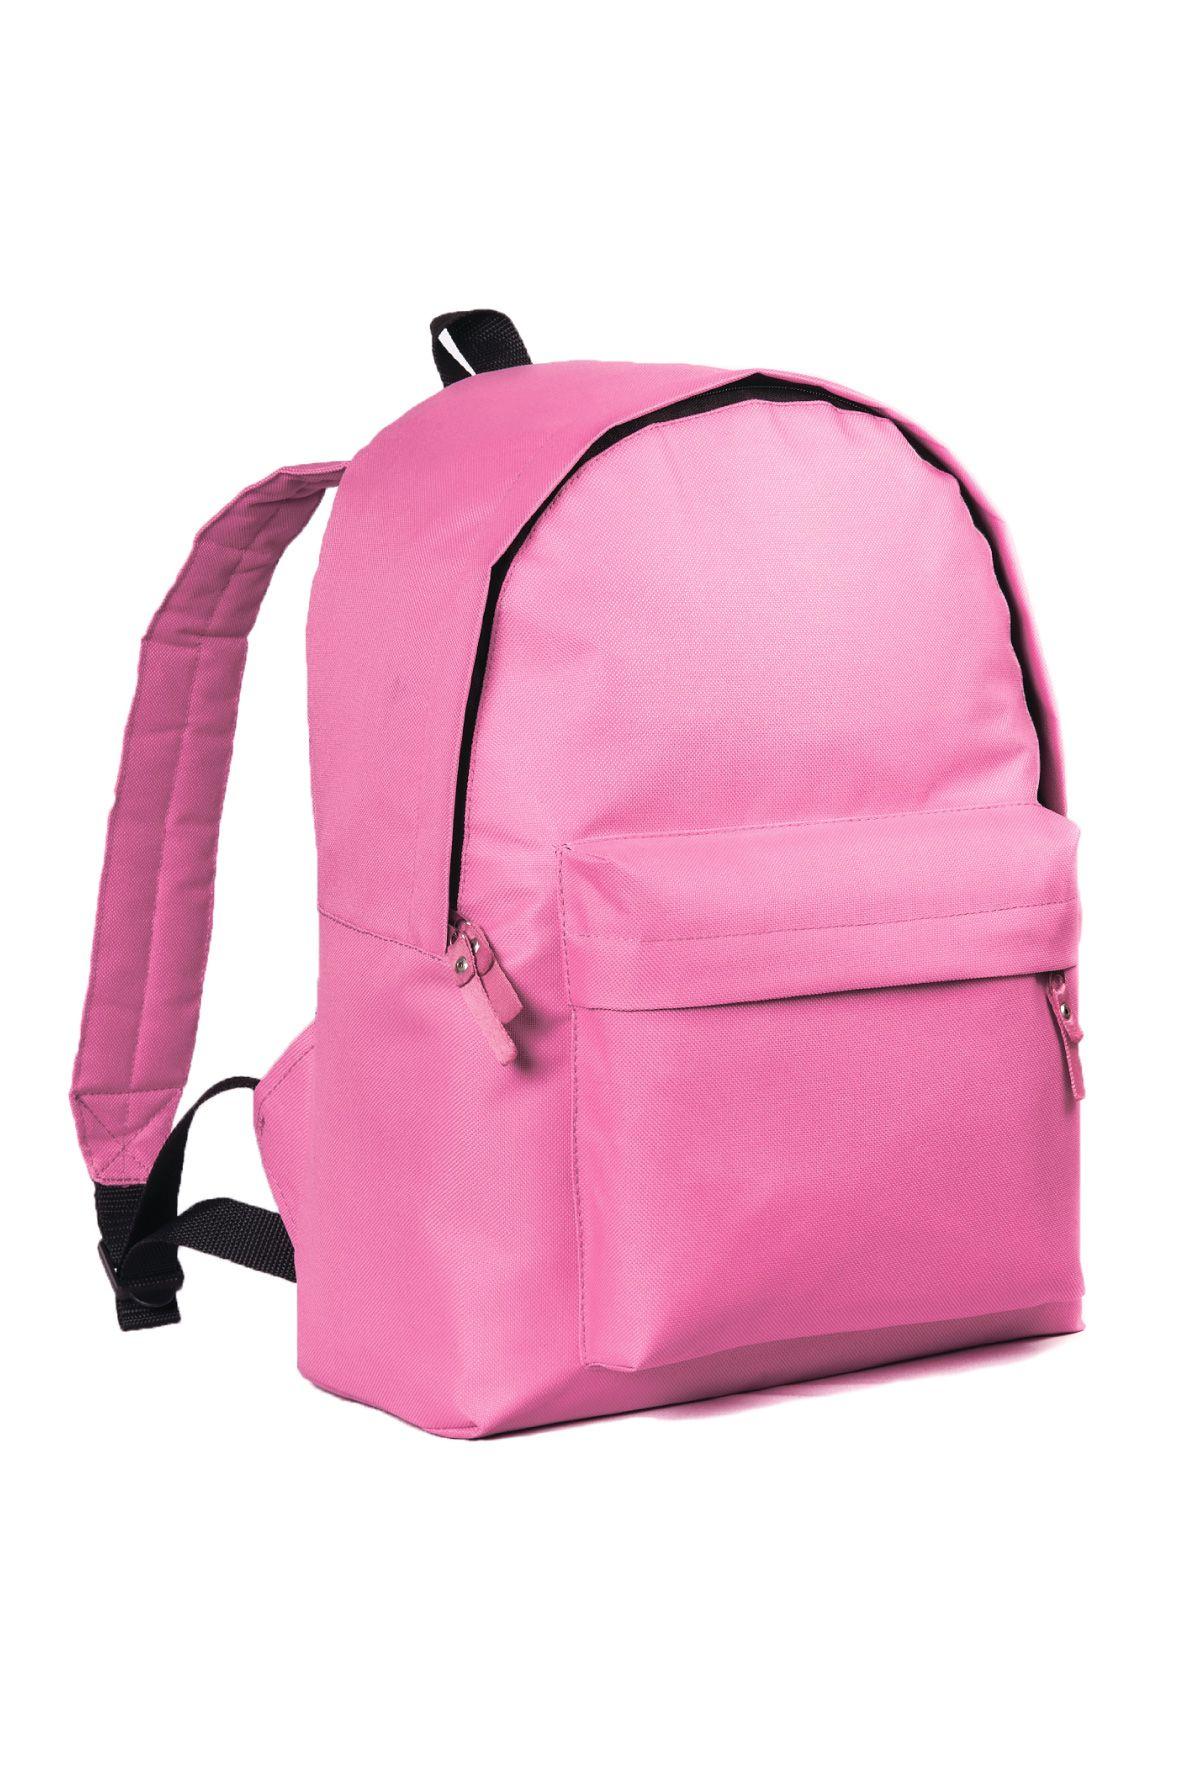 Рюкзак pink backpack rd-521-1 рюкзак розовые цветы